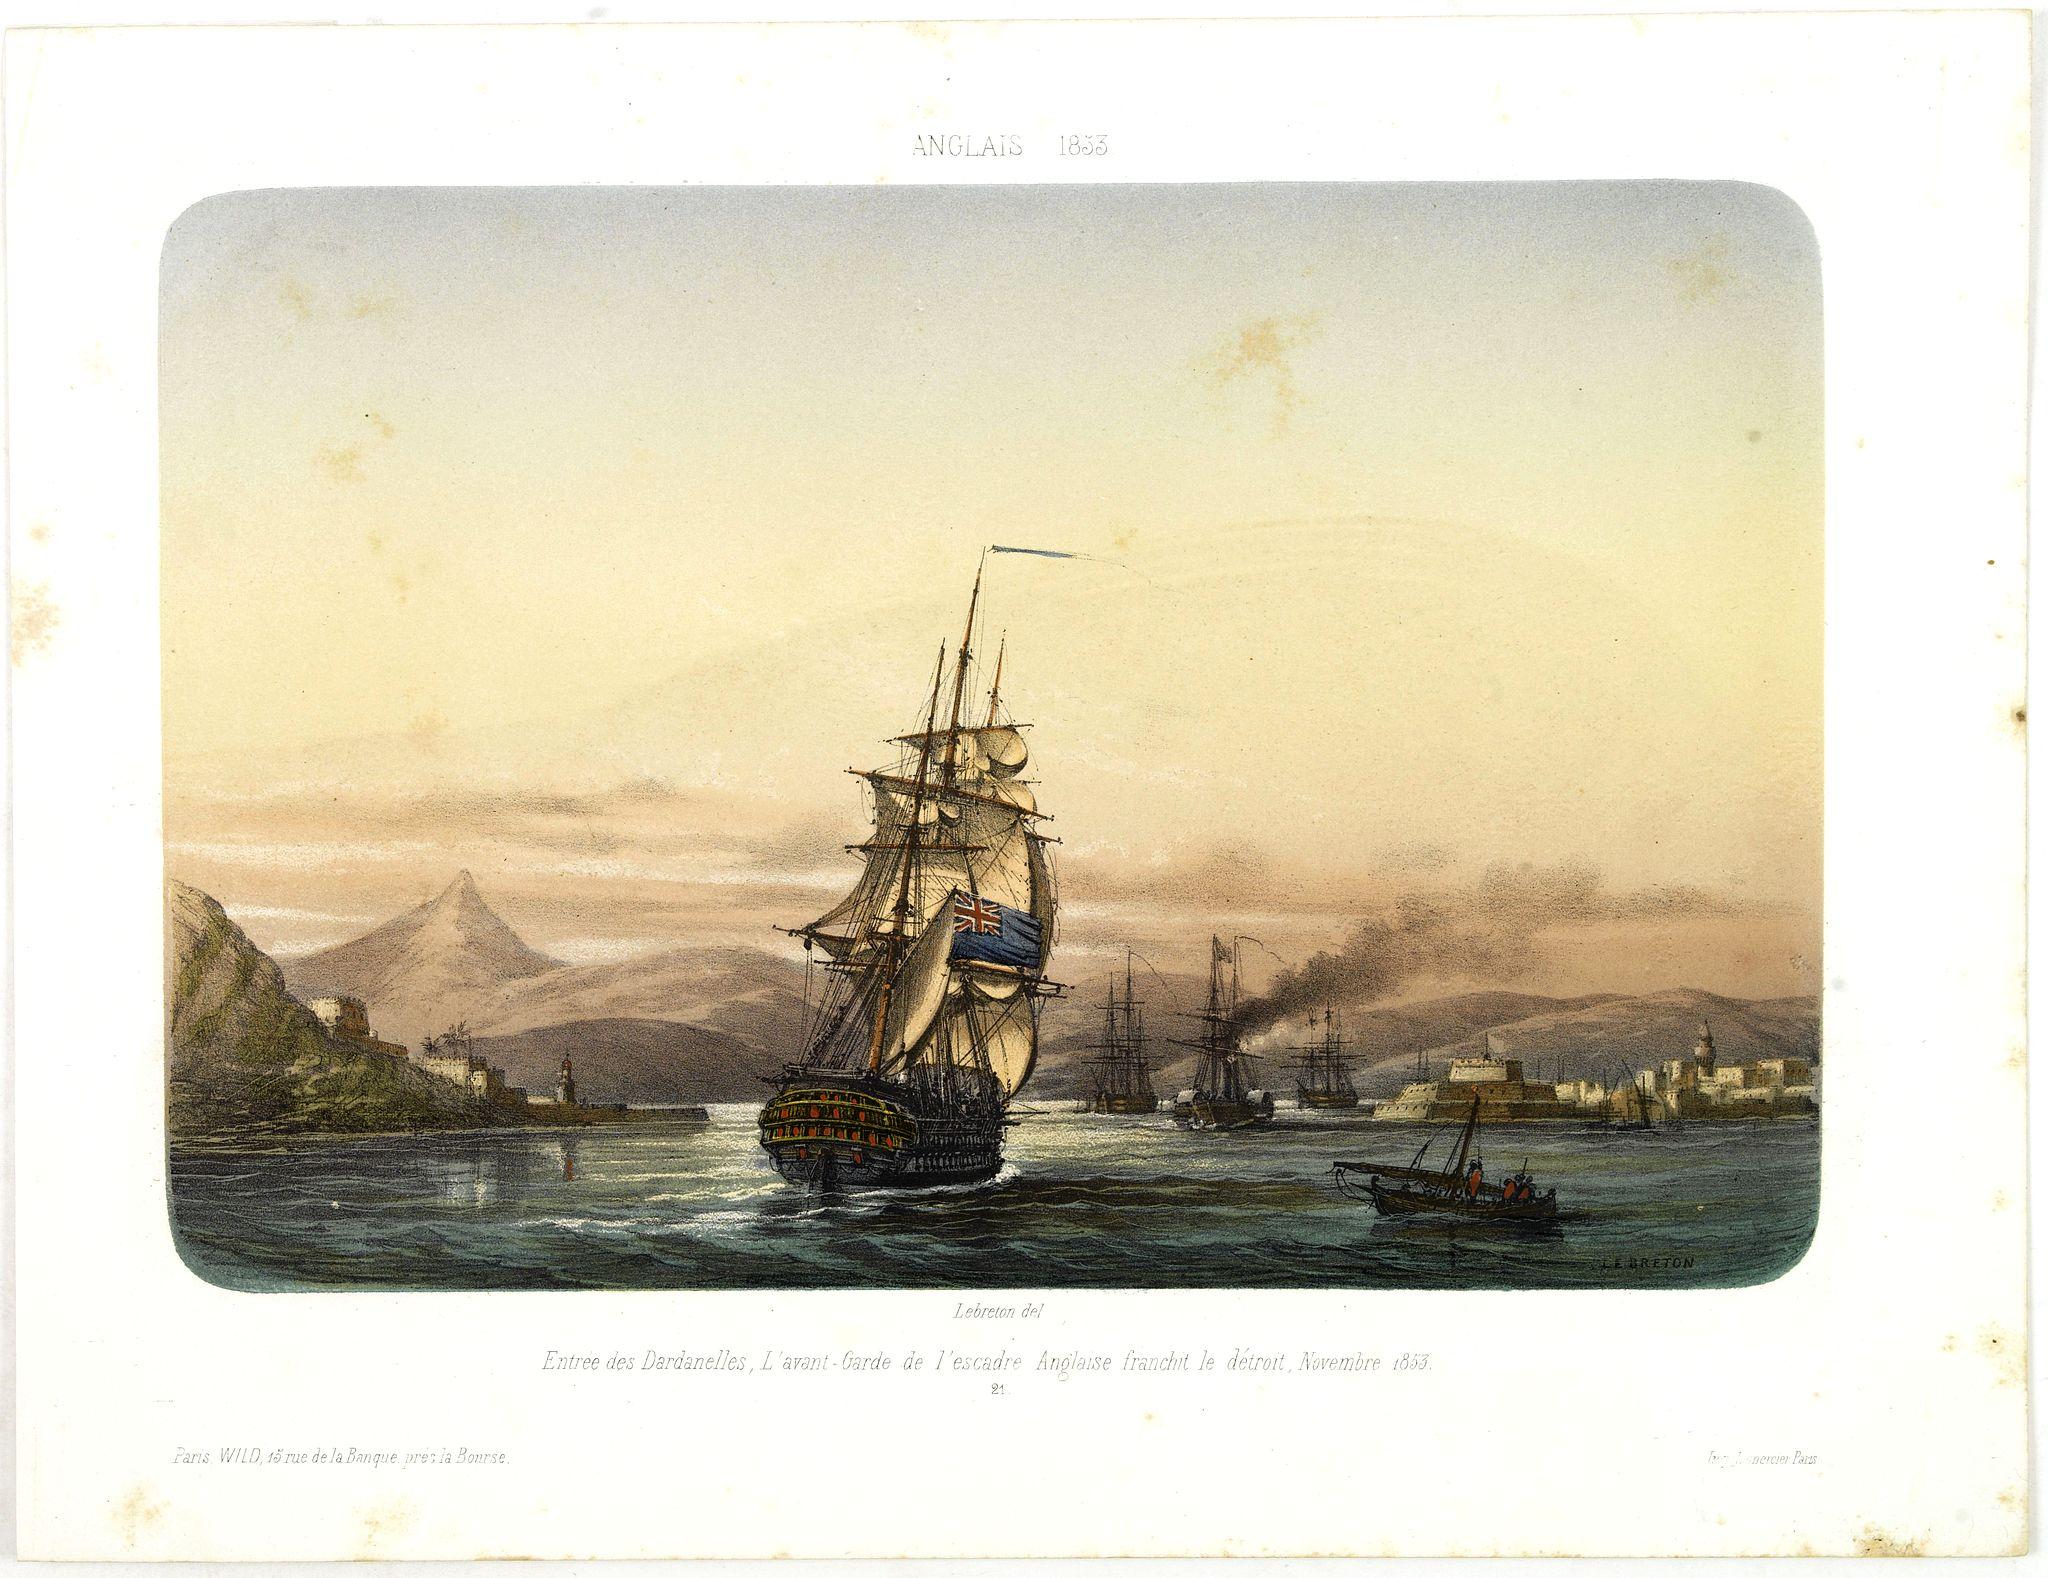 LEBRETON, L. -  ANGLAIS 1833 Entrée des Dardanelles, L